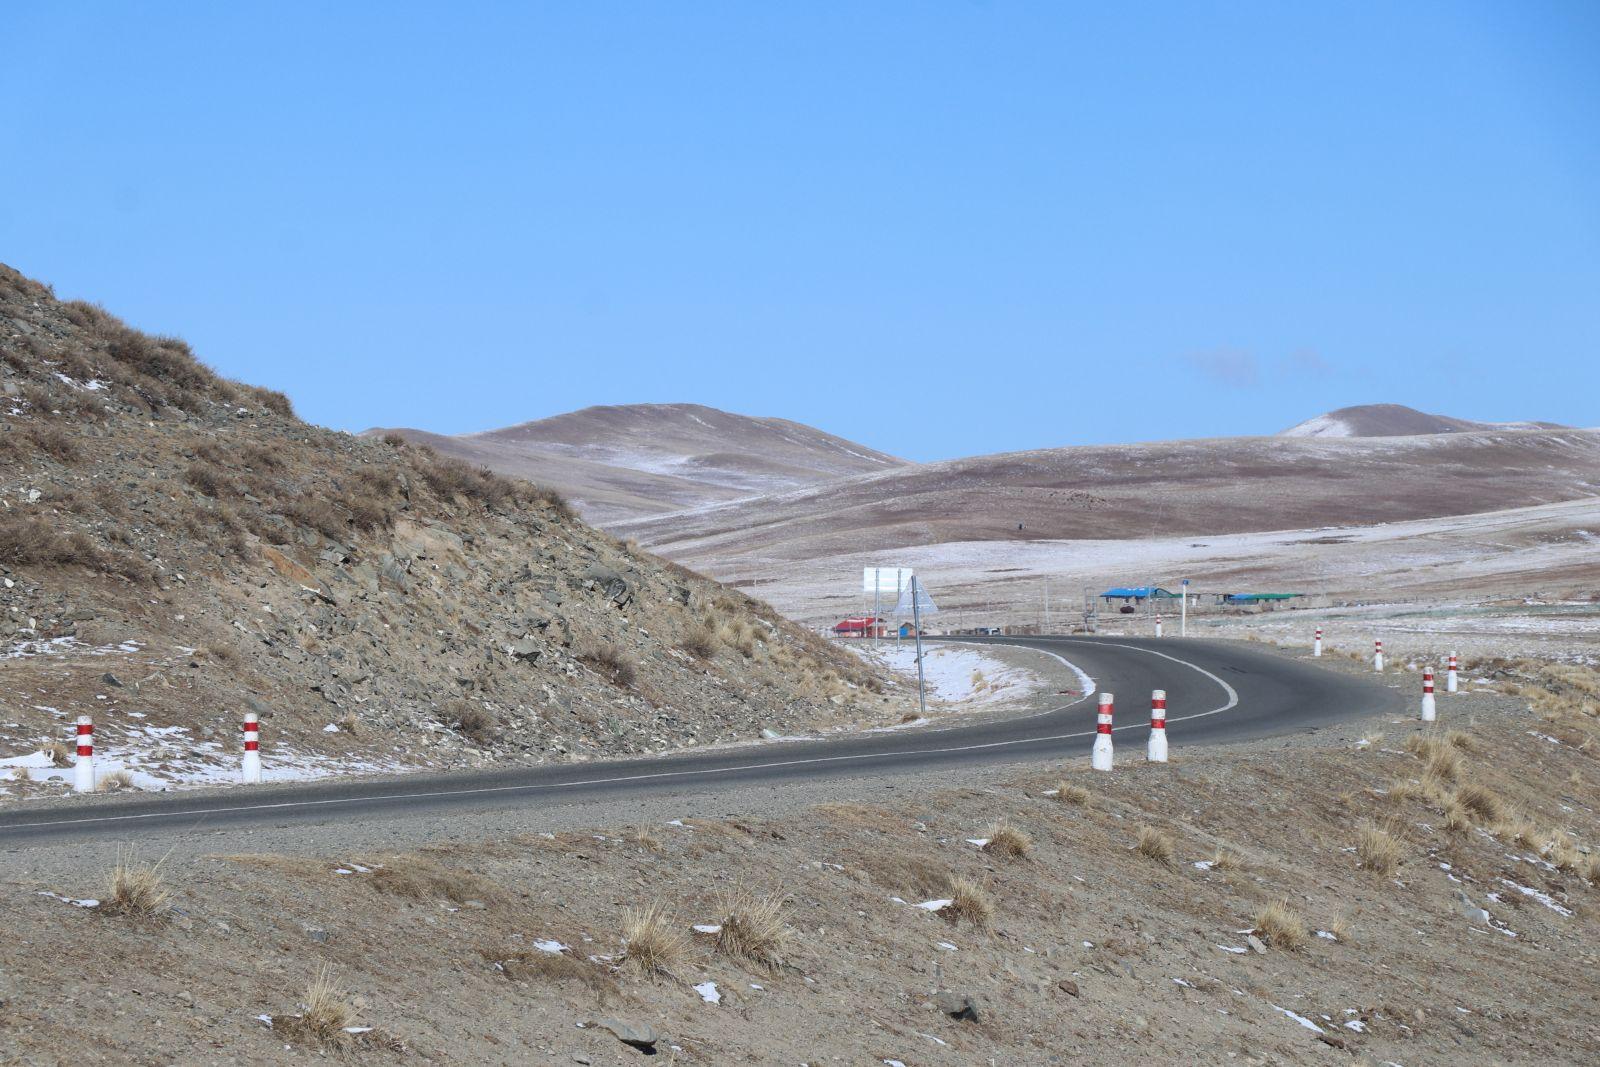 Улаанбаатар-Дархан чиглэлийн замыг ирэх сарын 25-наас хаана